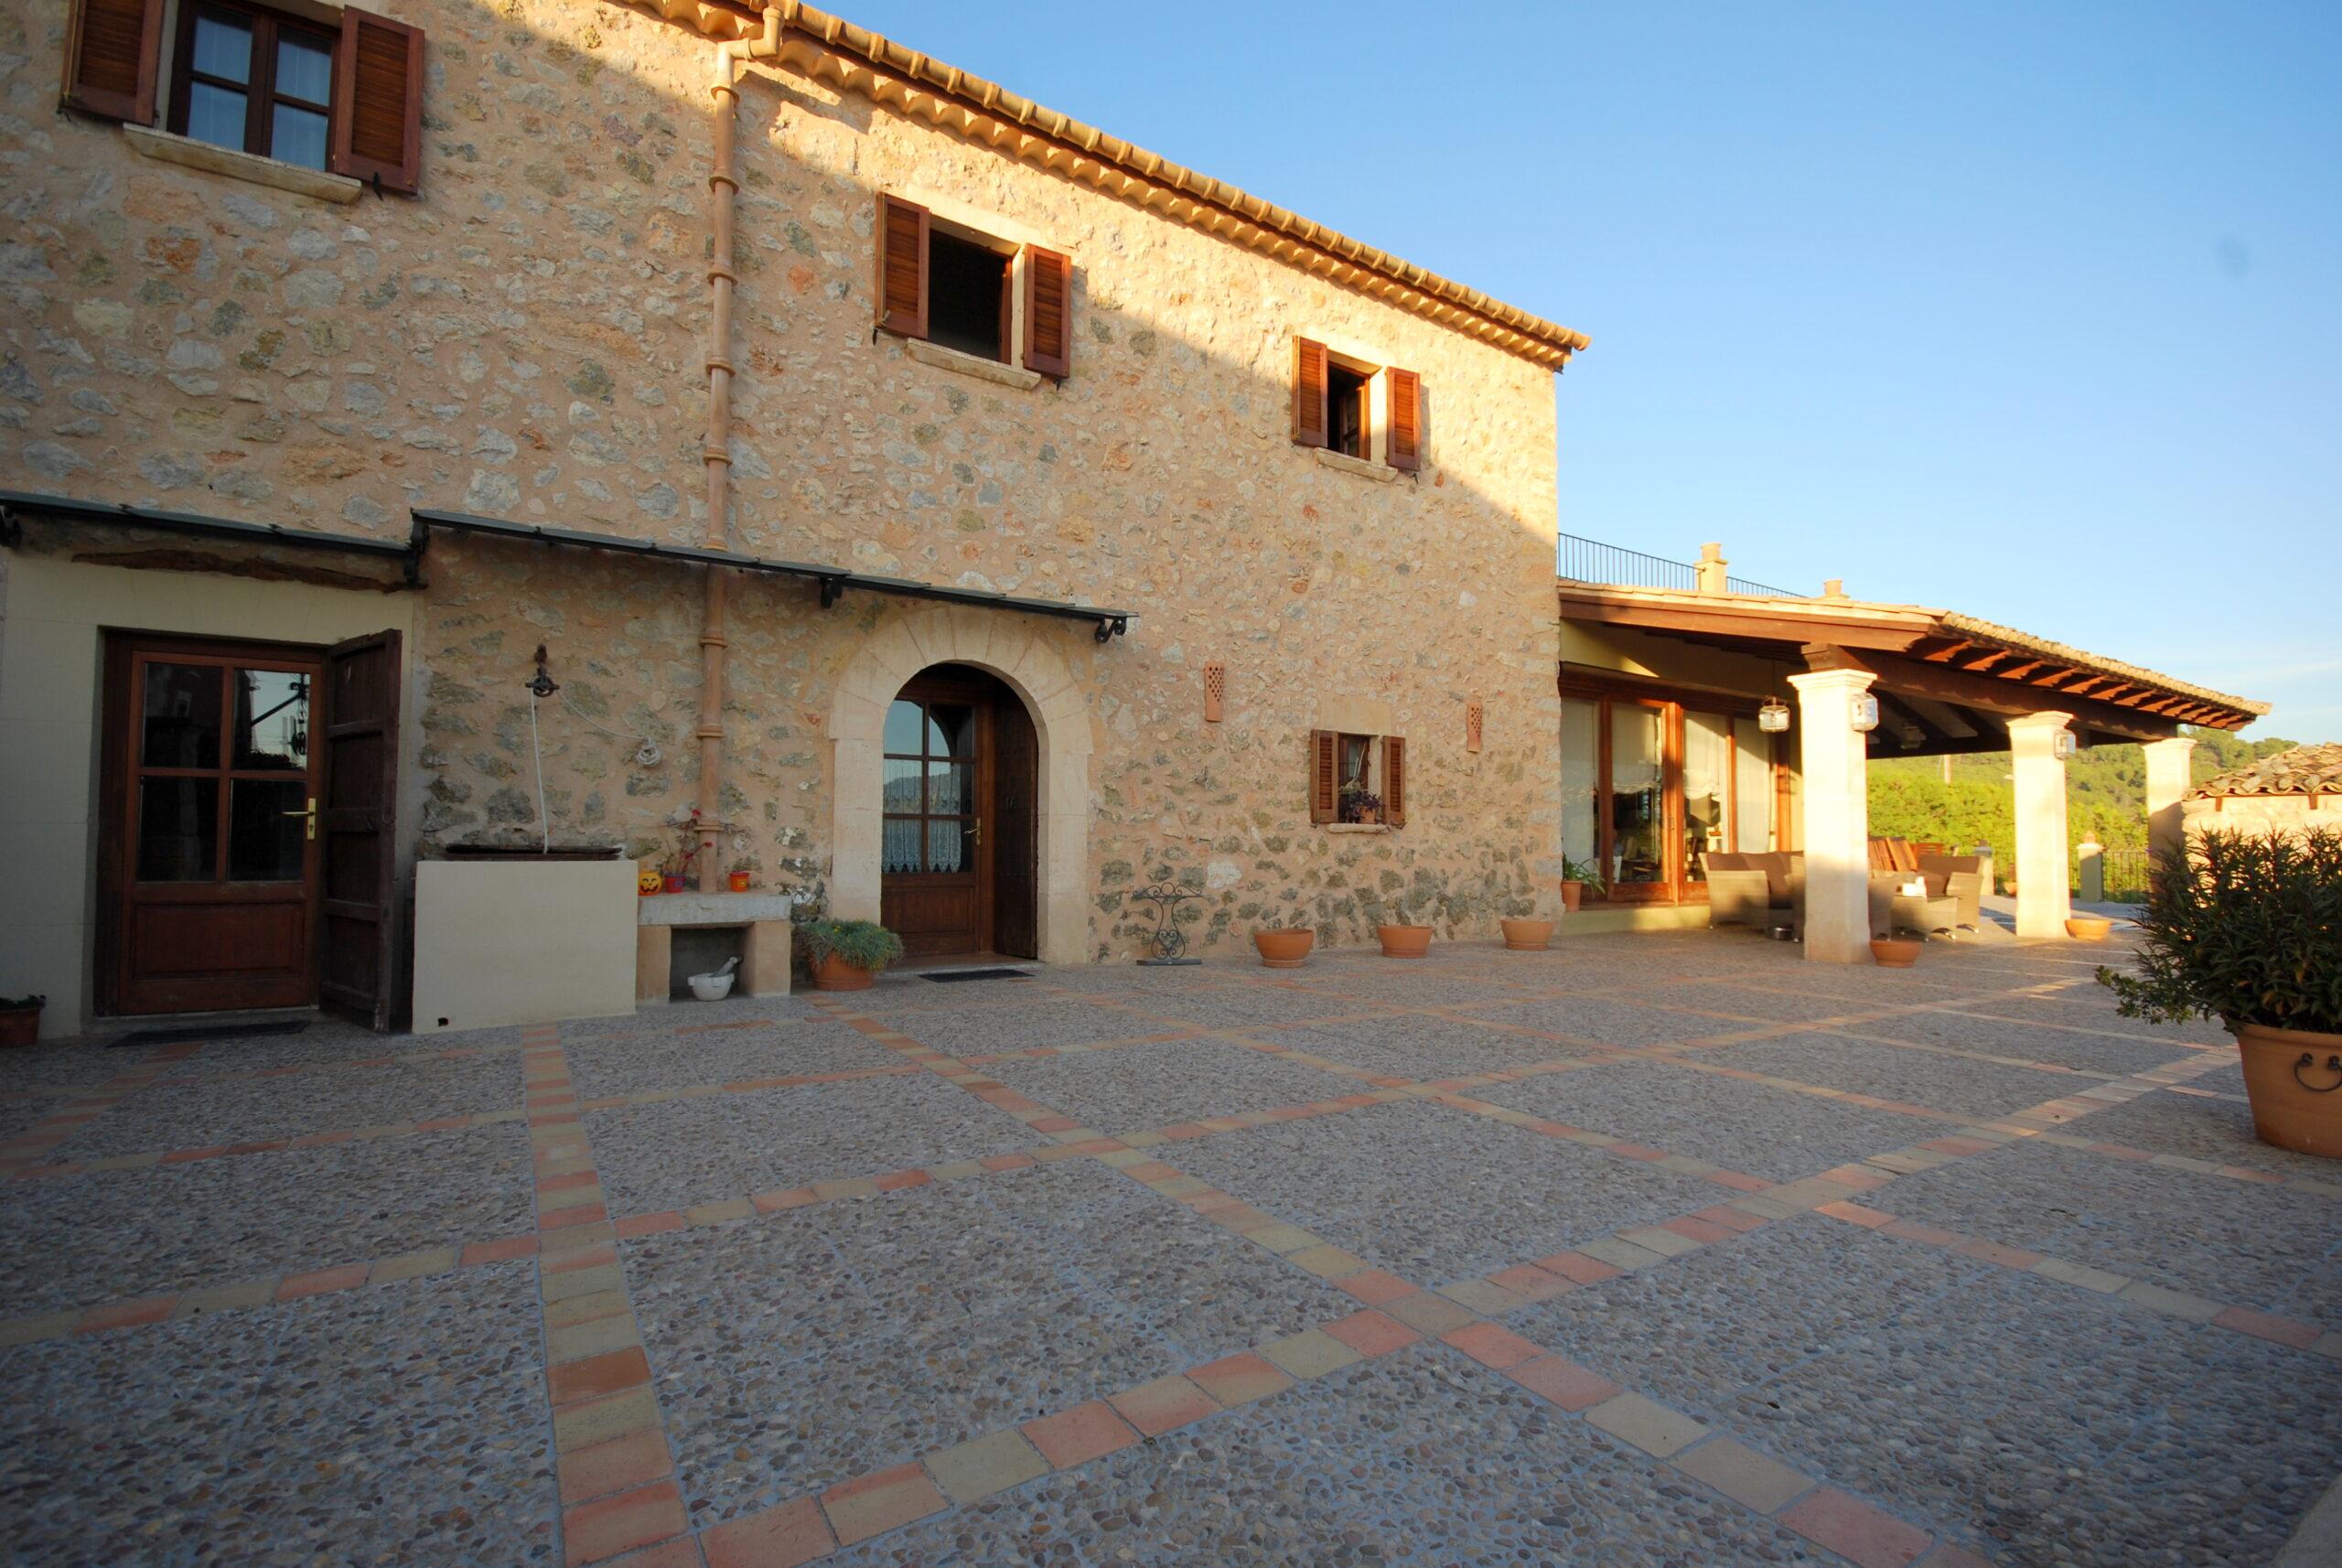 Casa de pueblo con mucho carácter y encanto propio de Mallorca